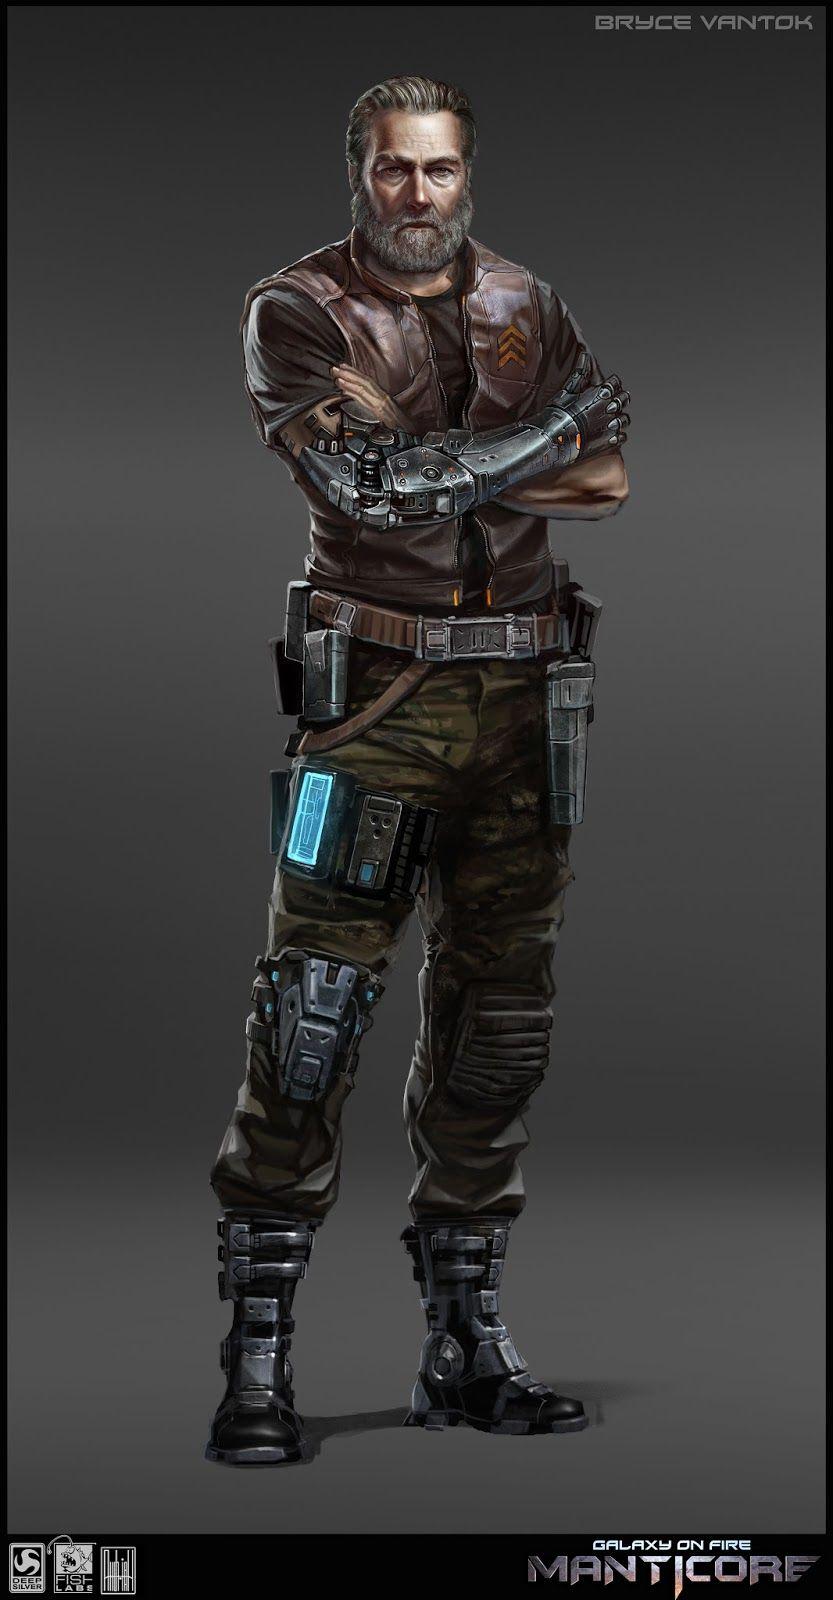 Brycevantok1jpg 8331600 cyberpunk character sci